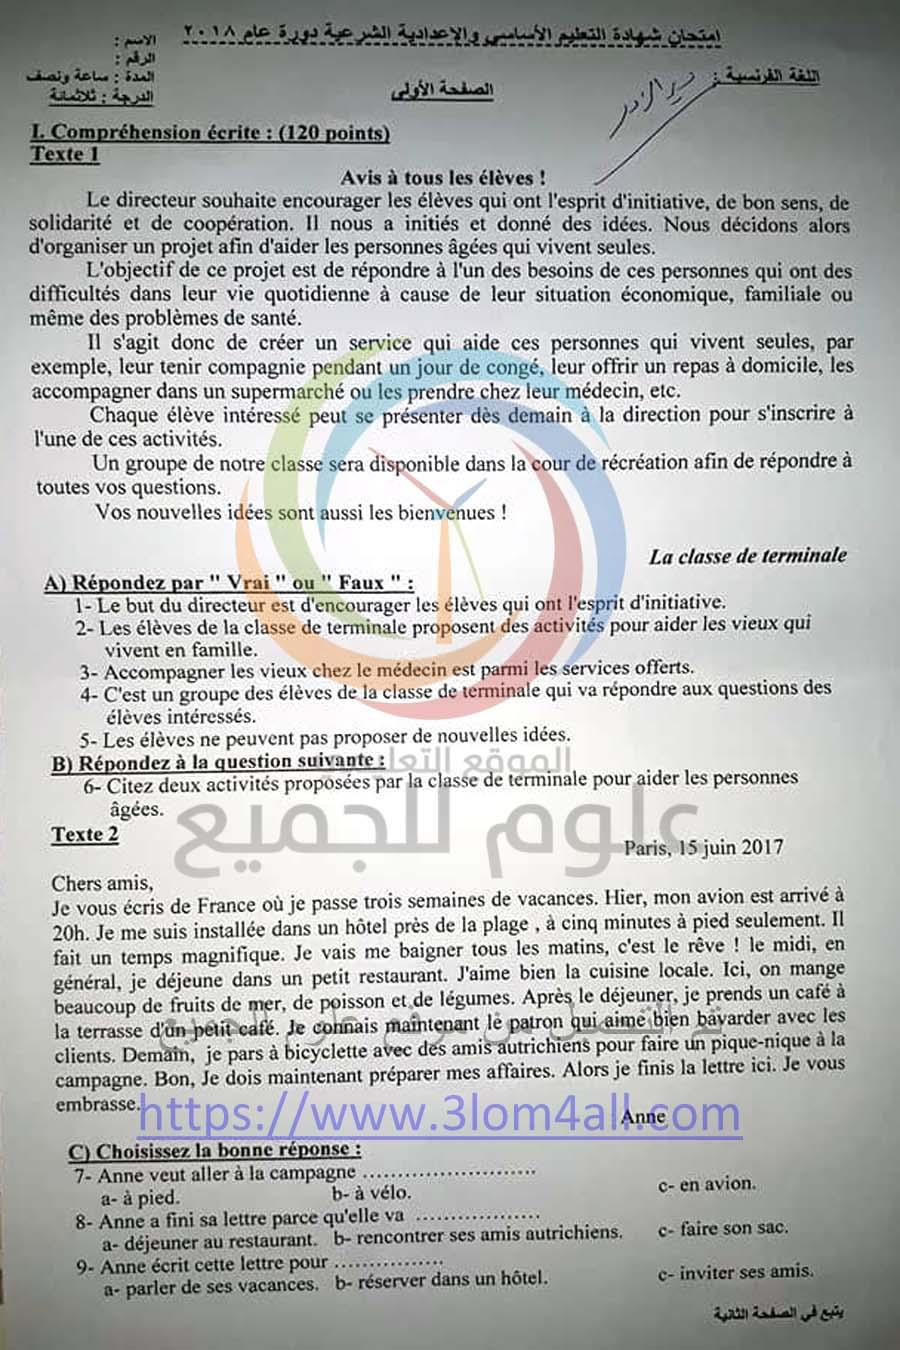 دير الزور ورقة اسئلة الفرنسي للامتحان النهائي لطلاب شهادة التعليم الأساسي 2018 - التاسع سوريا